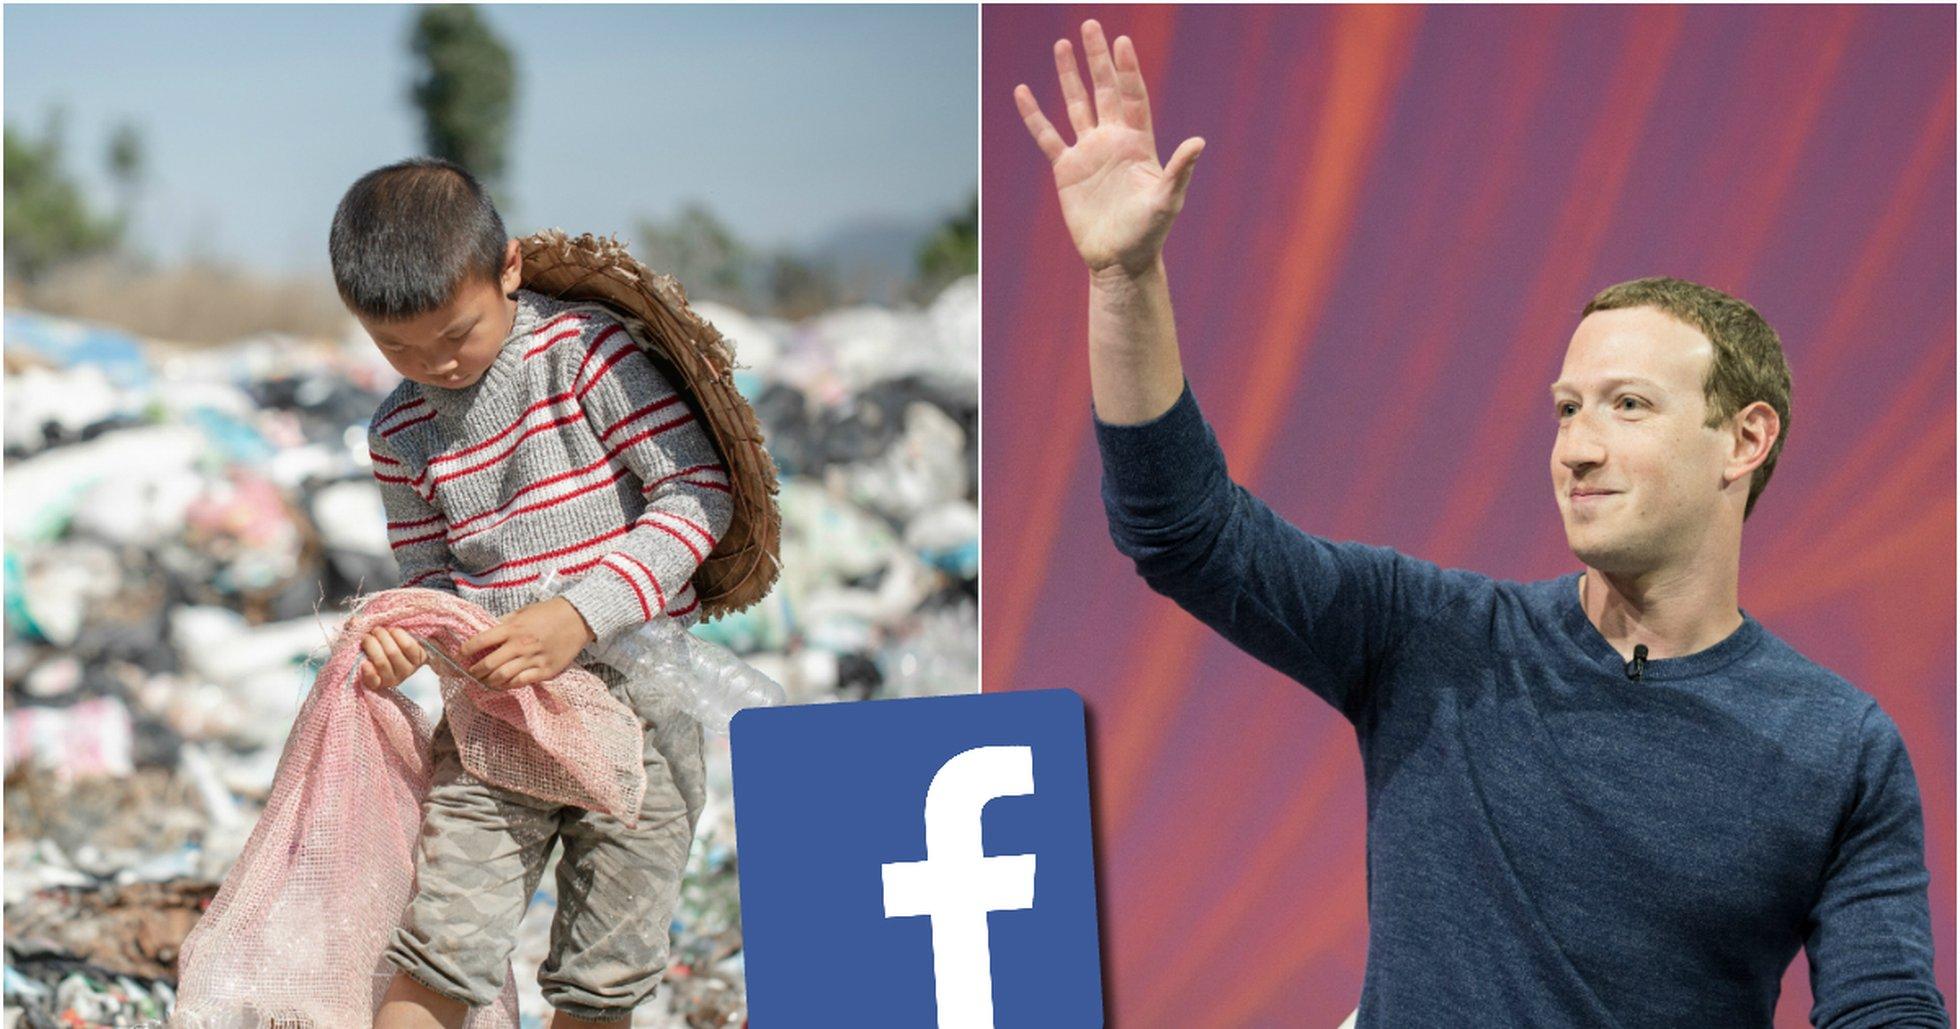 Enligt uppgifter ska Facebooks Globalcoin kunna användas i utvecklingsländer utan fungerande betalsystem.